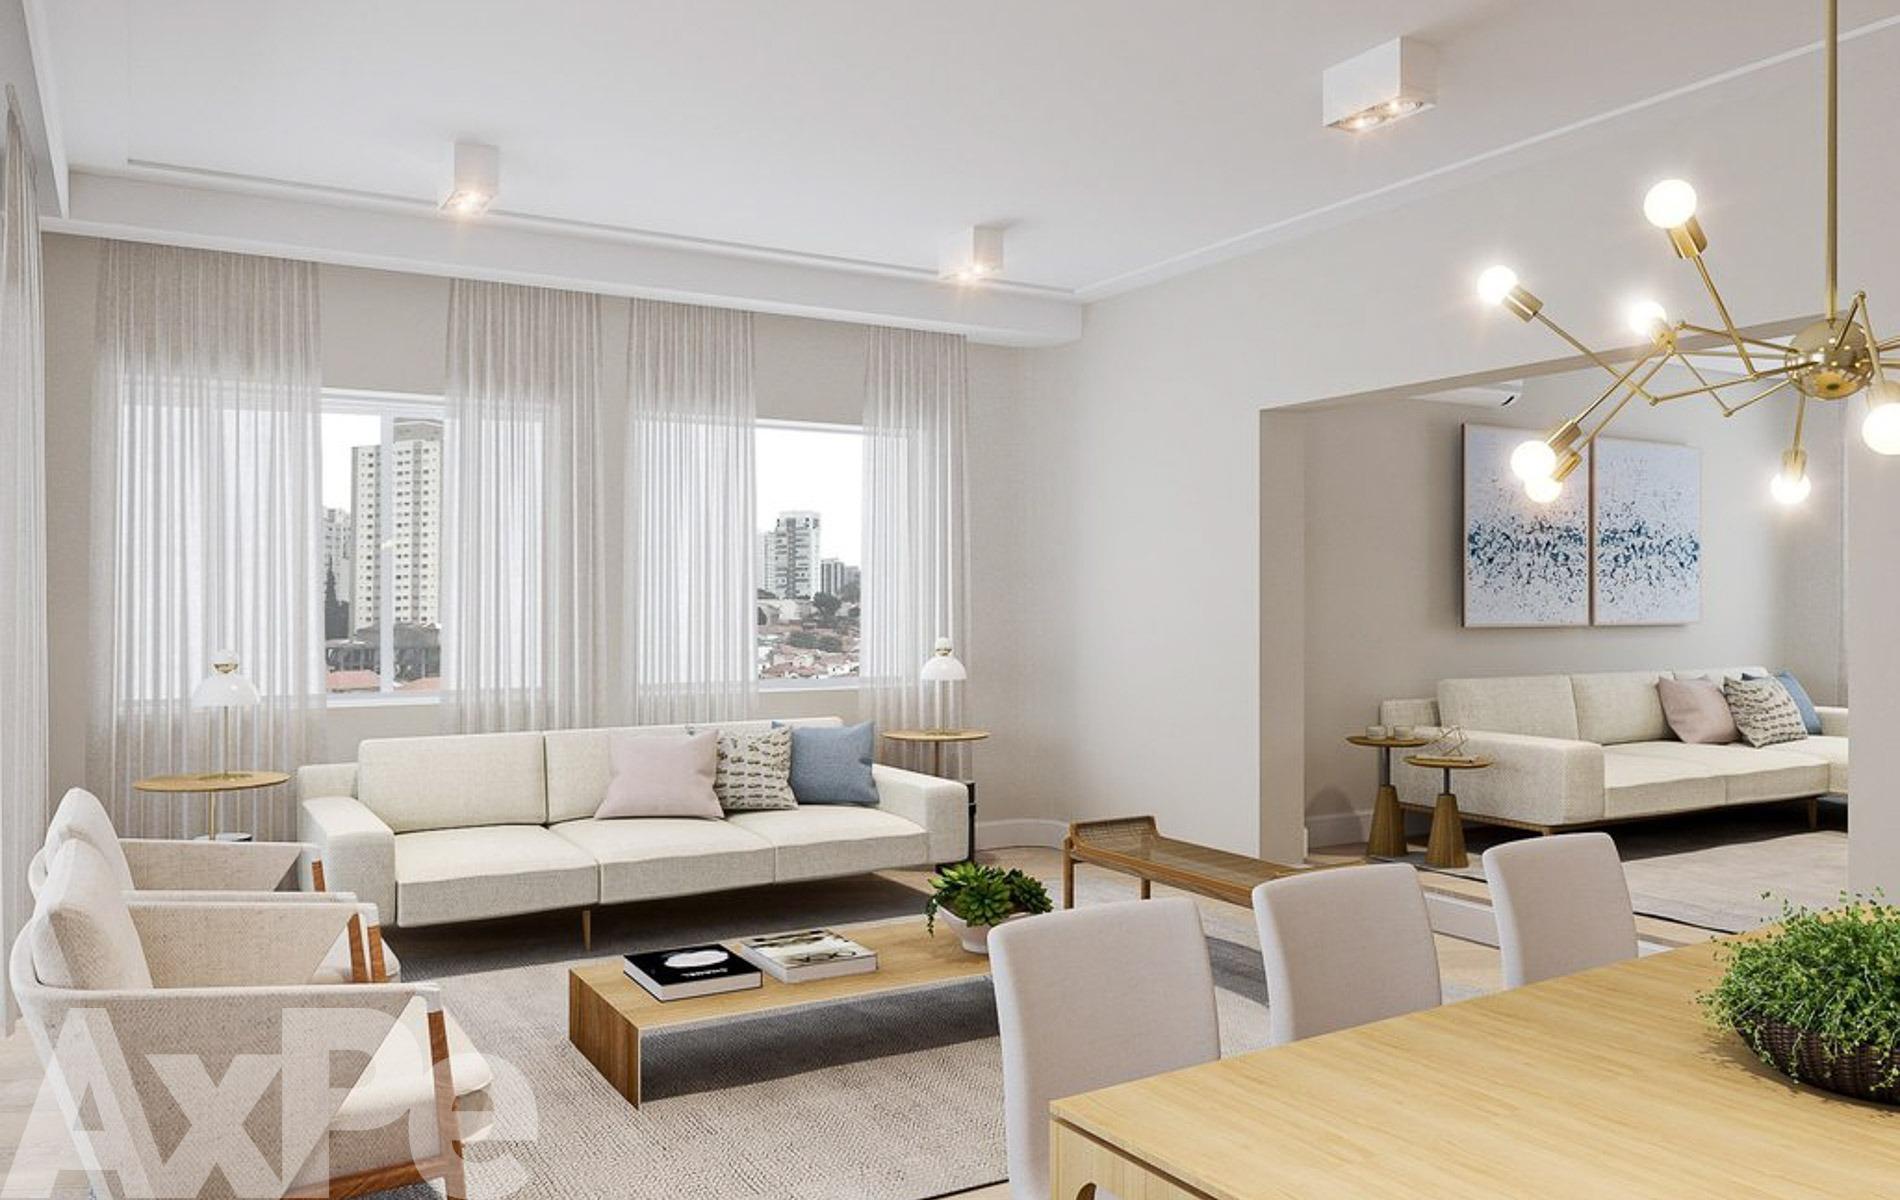 Axpe Apartamento - AX144962